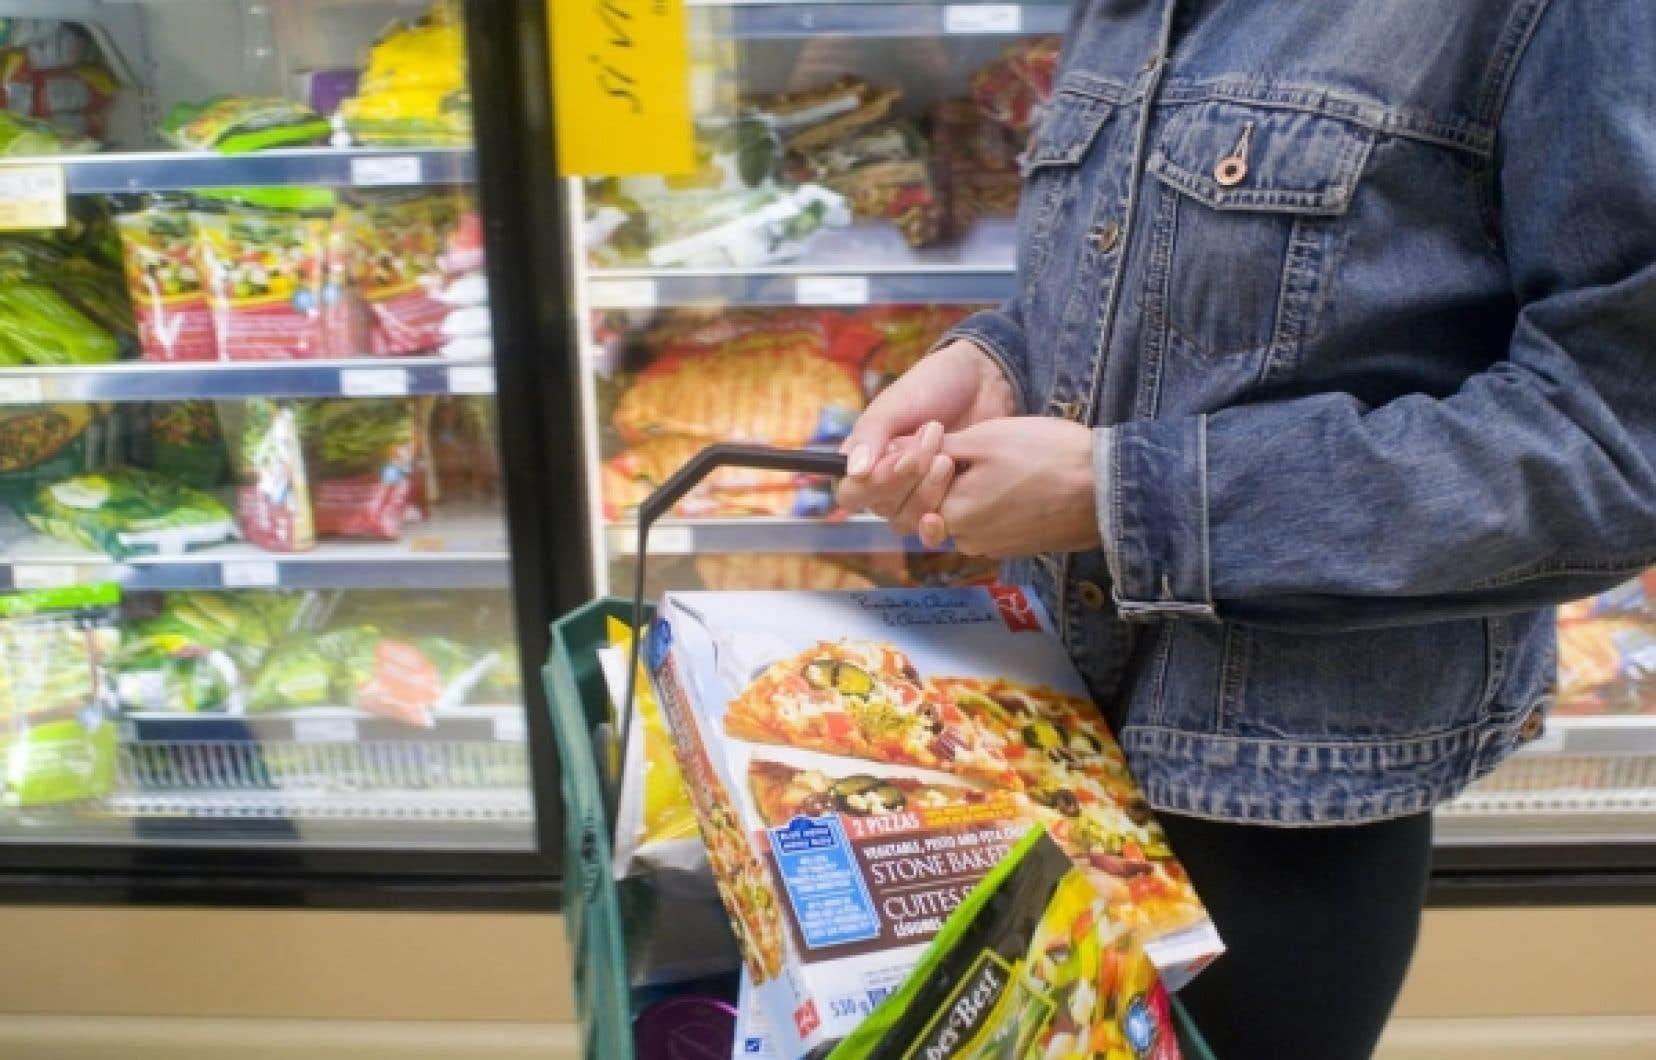 Selon les statistiques de Sant&eacute; Canada, pr&egrave;s de 25 % des aliments contenaient toujours des gras trans, et le pr&ecirc;t-&agrave;-manger dans les cong&eacute;lateurs, les p&acirc;tisseries industrielles et les biscuits sont &agrave; montrer du doigt. <br />